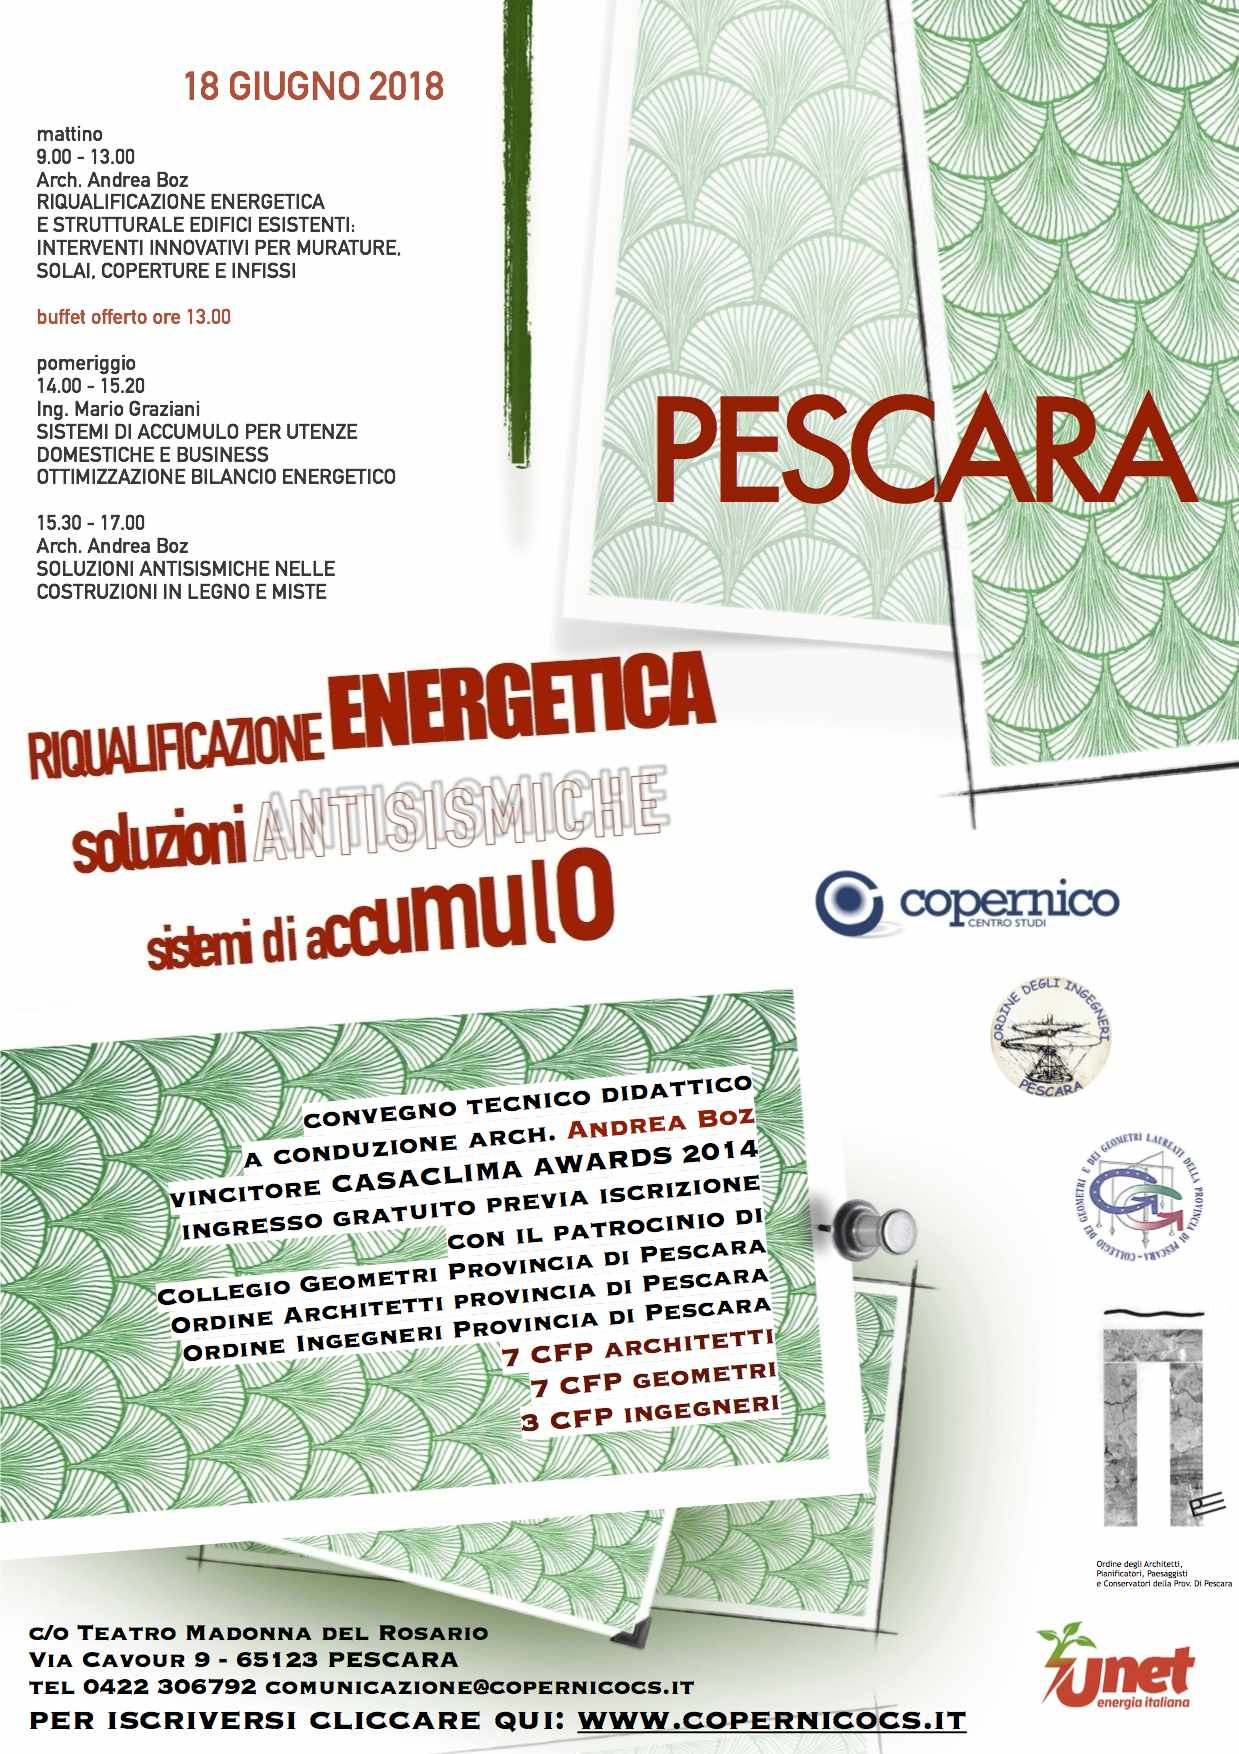 Ordine Architetti Brescia Lavoro corsi formazione a pagamento - copernico centro studi